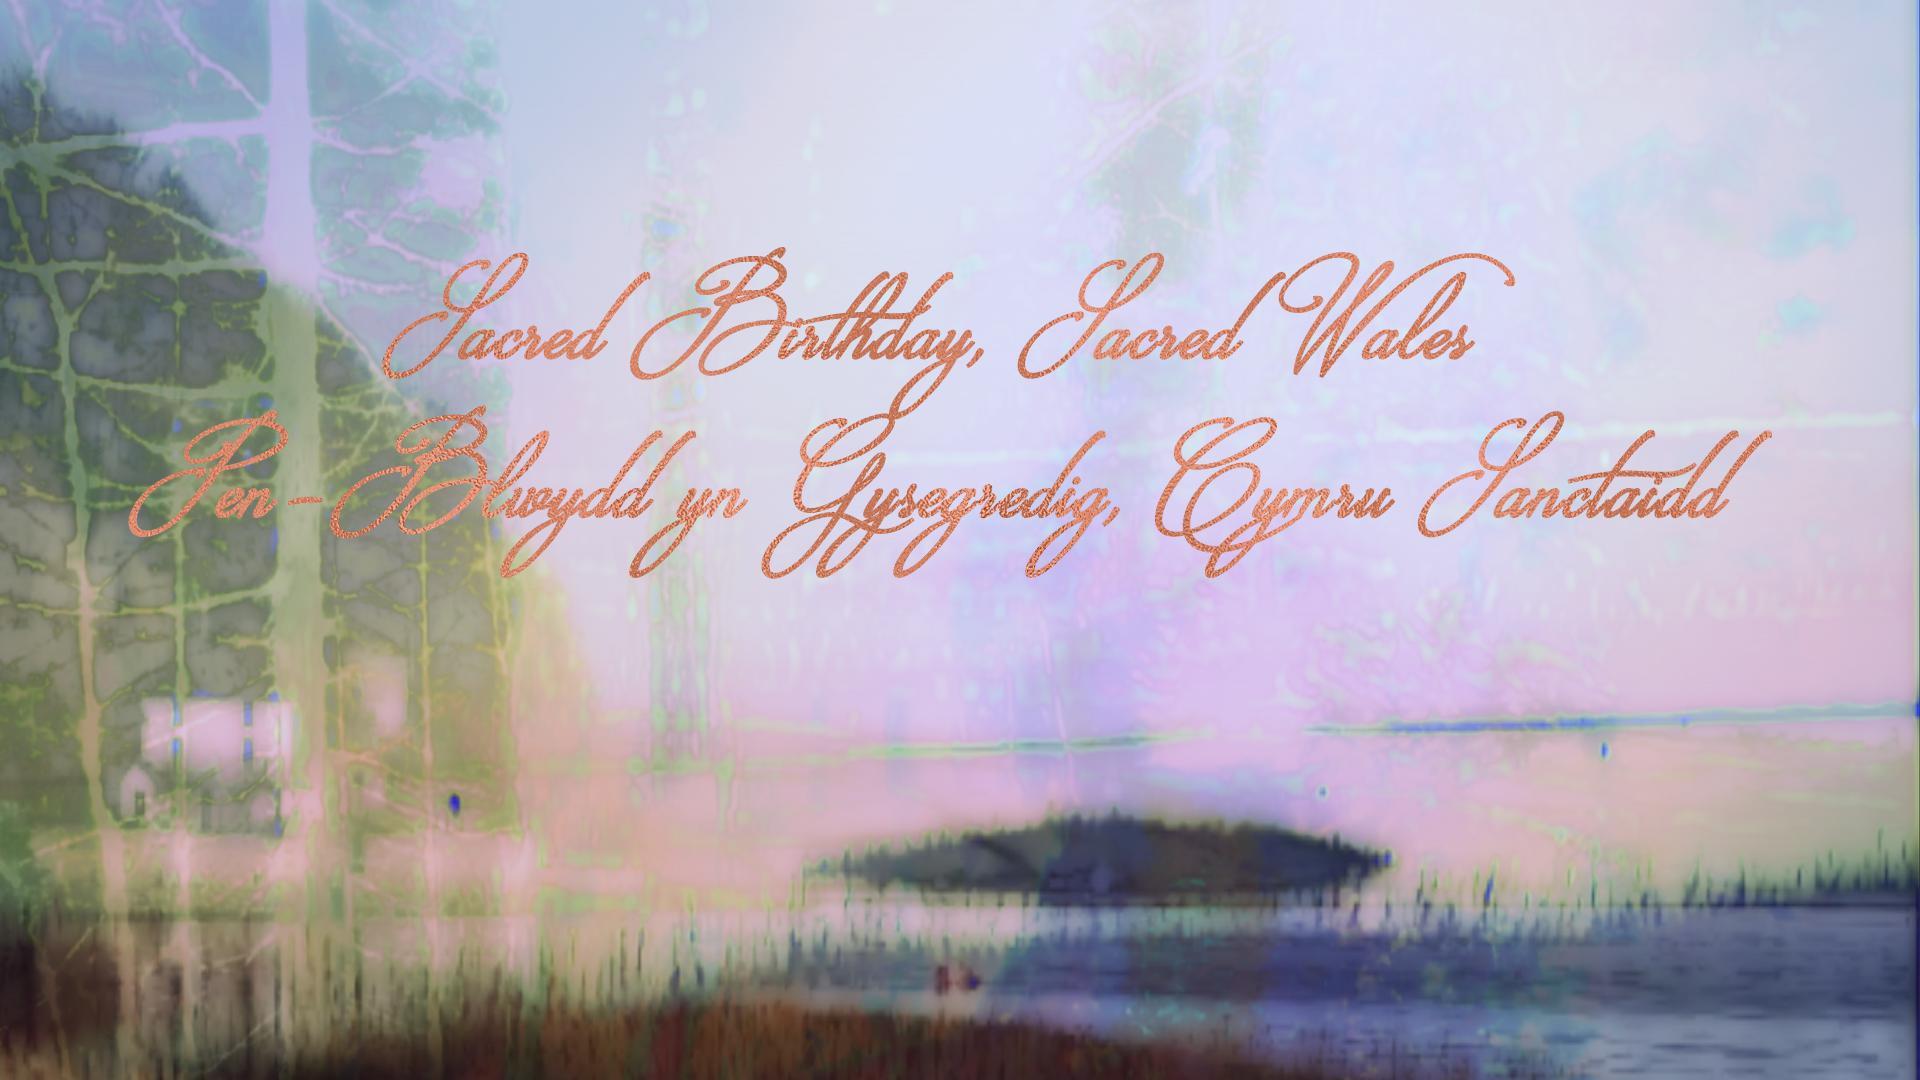 Sacred Birthday, Sacred Wales - Pen-Blwydd yn Gysegredig, Cymru Sanctaidd